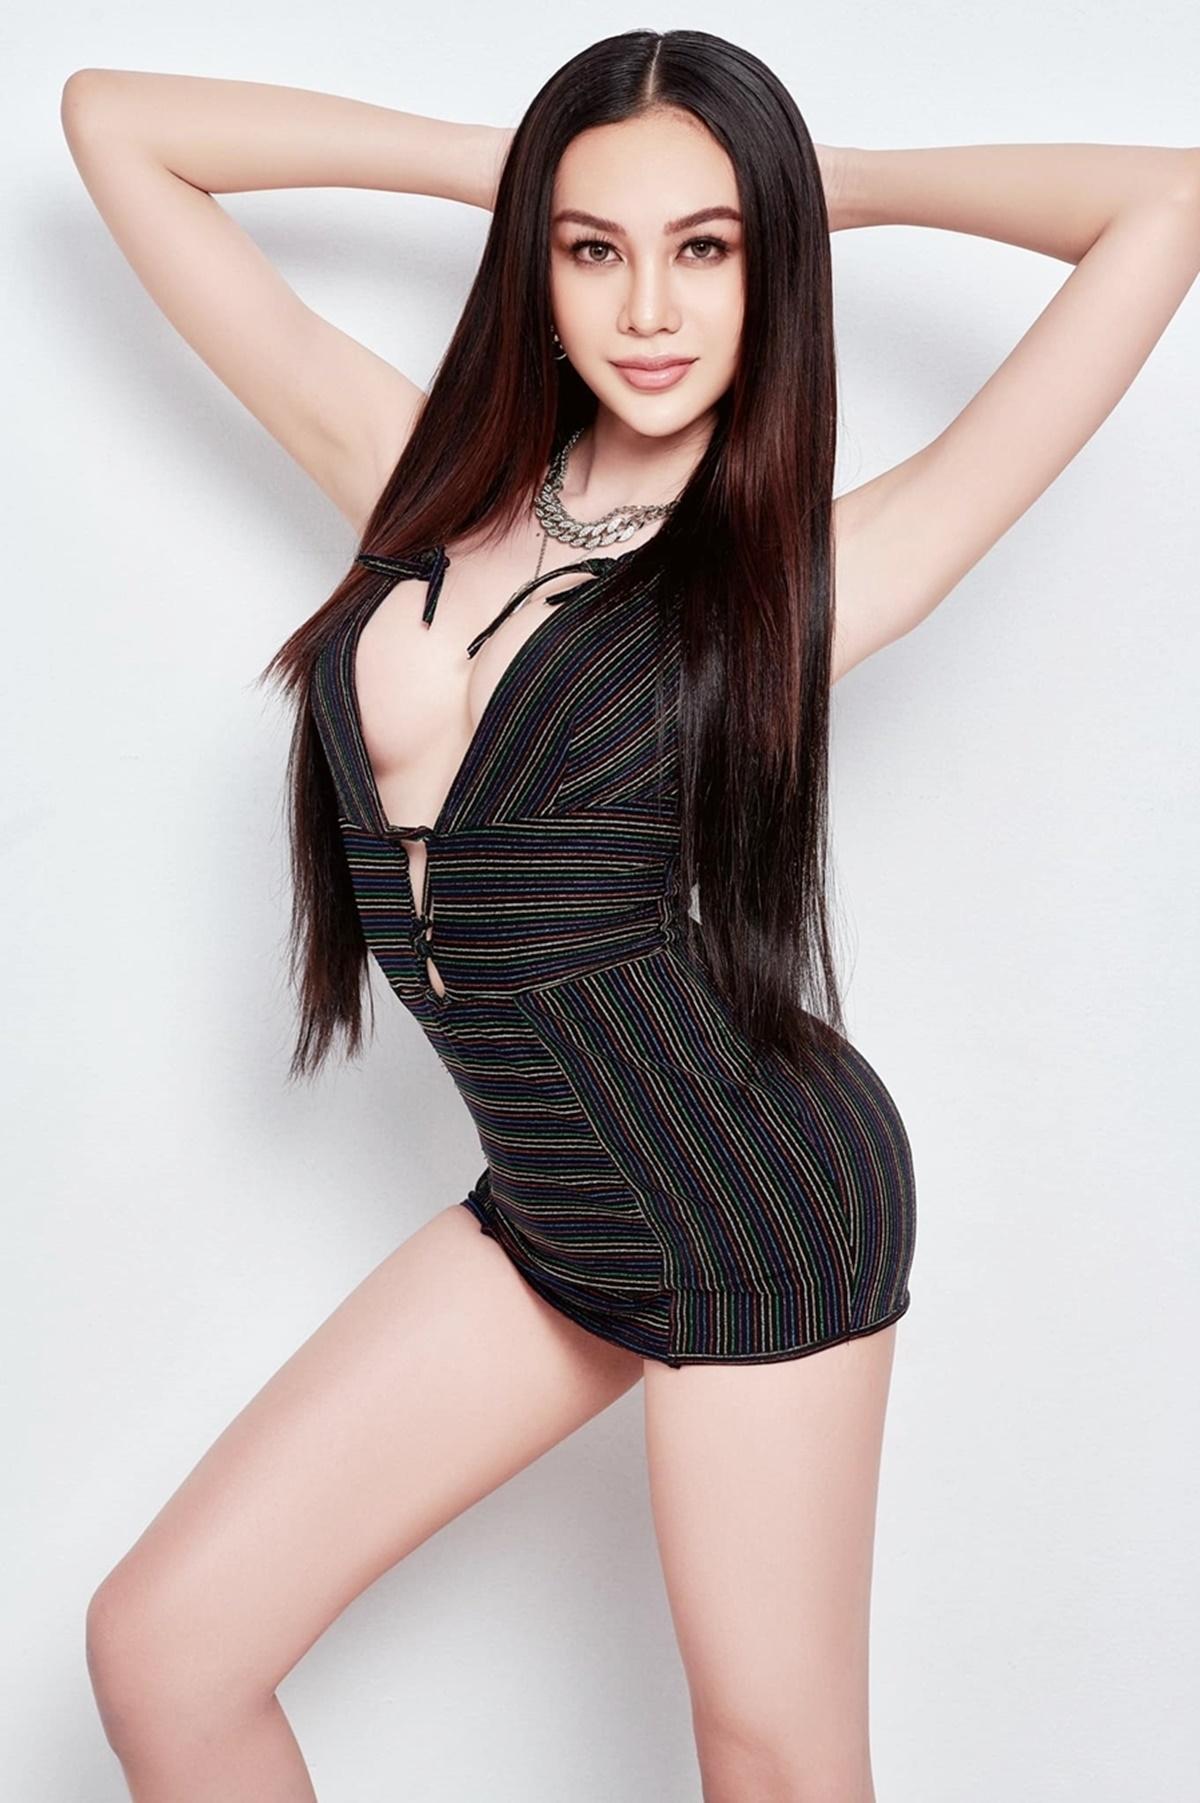 Lương Mỹ Kỳ tên thật là Lương Trung Kiên, sinh năm 1999 tại Tiền Giang. Cô từng gây chú ý khi tham gia nhiều gameshow nhưThách thức danh hài, Giọng ải giọng ai, Người bí ẩn... Năm 2019, cô sang Thái Lan chuyển giới để được sống đúng với giới tính thật. Kỹ năng catwalk chuyên nghiệp, thần thái tự tin, giao tiếp tiếng Anh và tiếng Thái ổn, Mỹ Kỳ được nhiều fan đặt cược trở thành quán quân, đại diện Việt Nam dự thi Miss International Queen 2021 tại Thái Lan. Mỹ Kỳ cao 1,72 m, nặng 53 kg, số đo ba vòng là 90-60-90 cm.